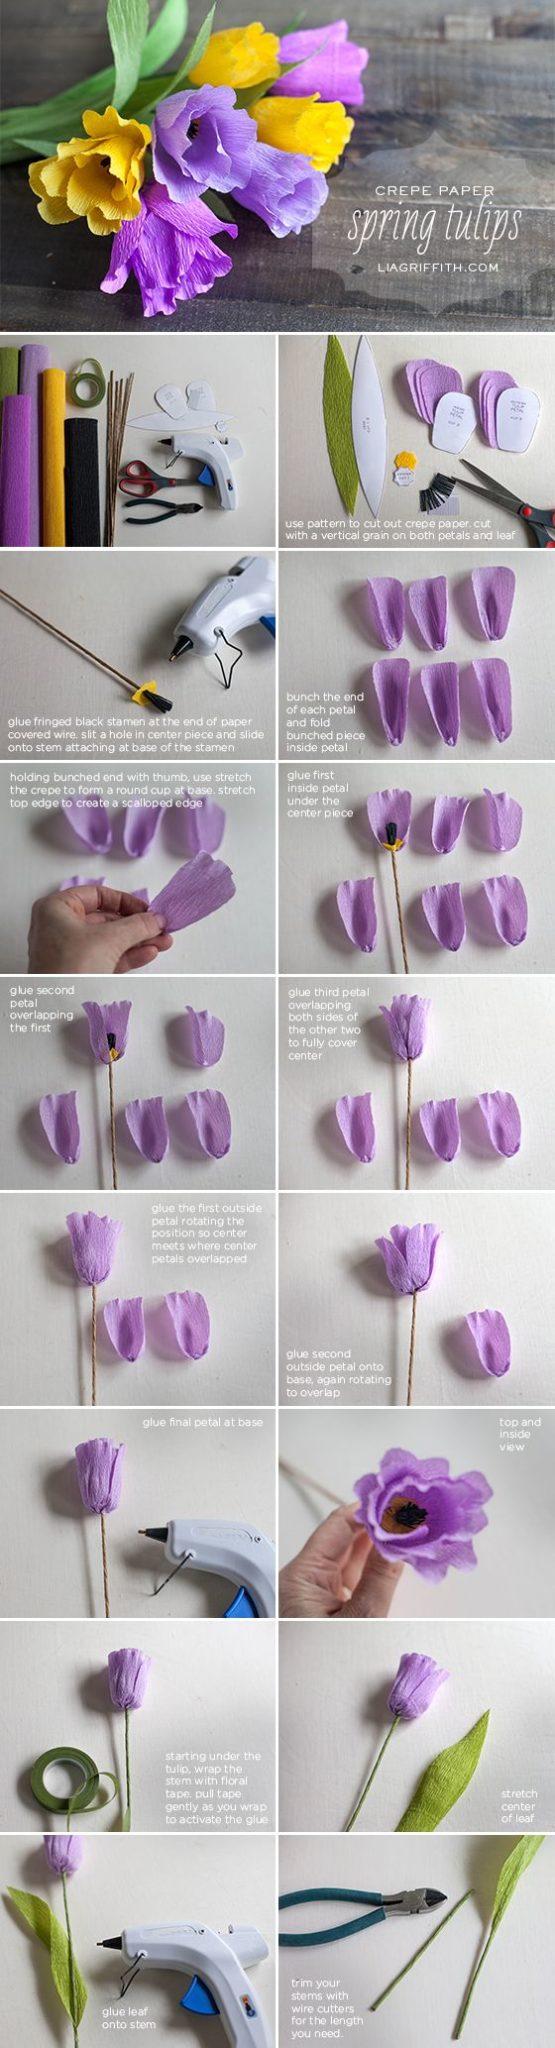 Cómo hacer tulipanes con papel crepe